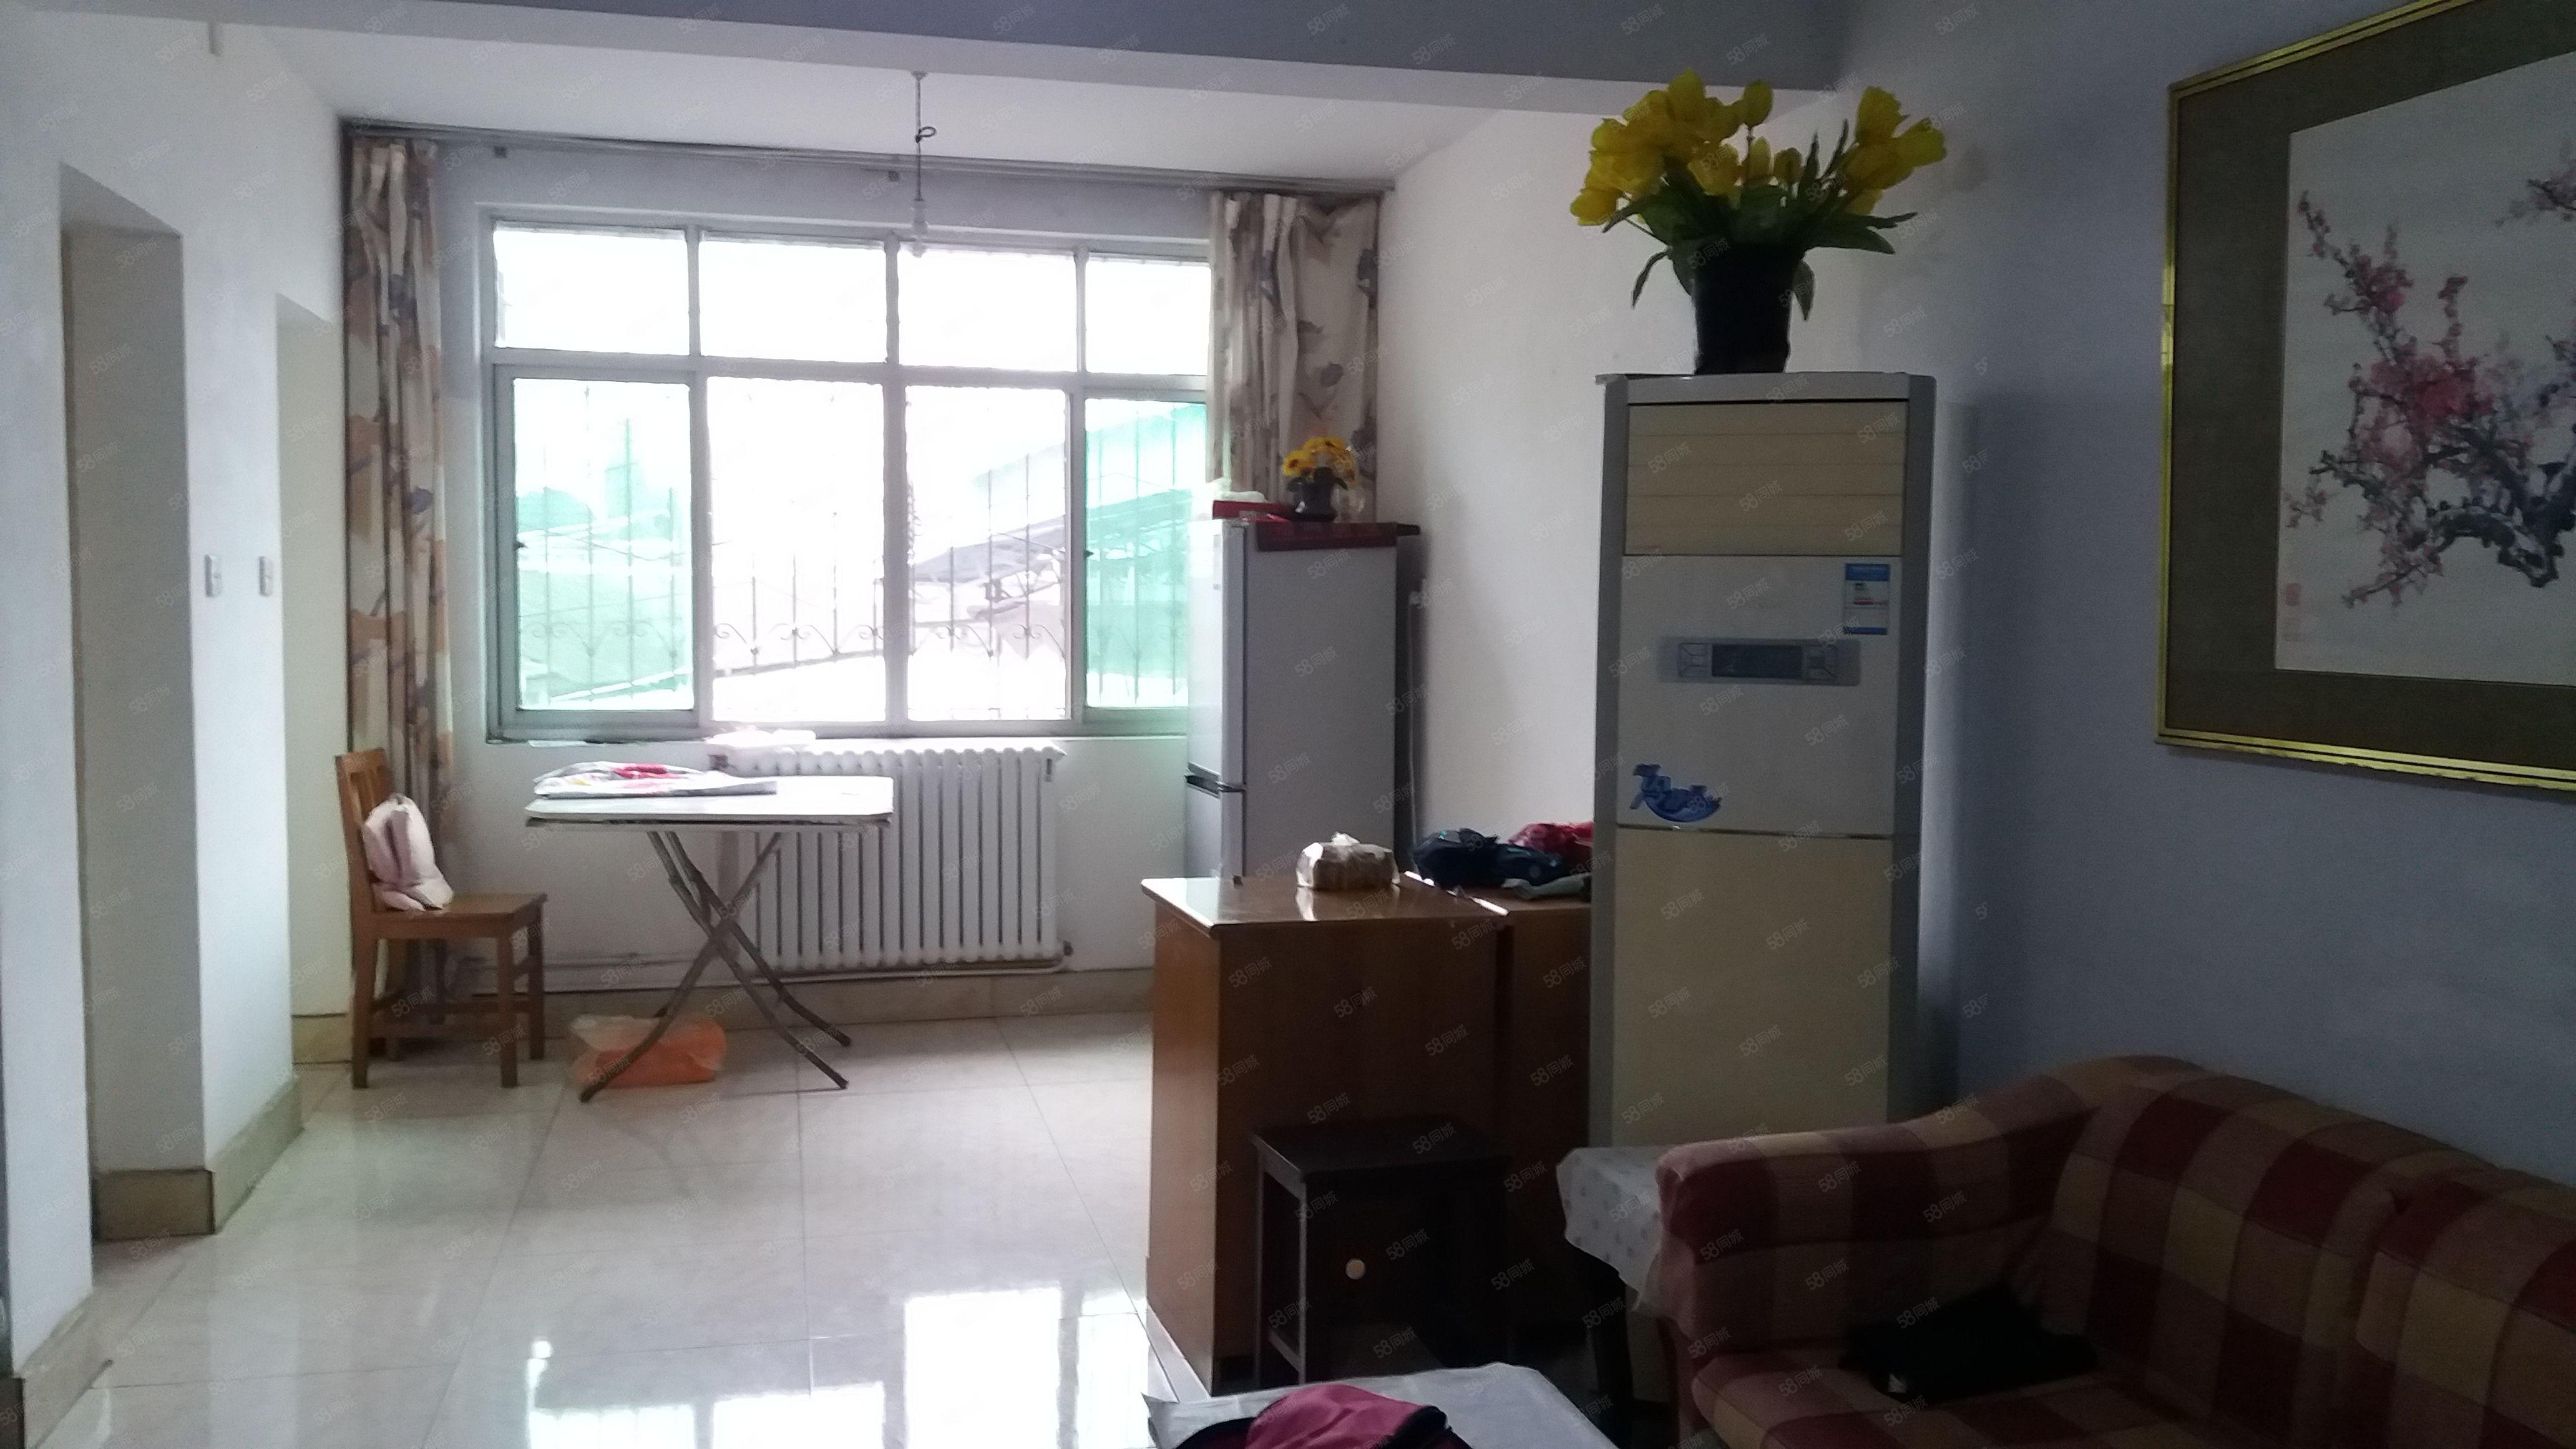 急急!上班上学2楼精装两室带家具家电有壁挂炉送柴房